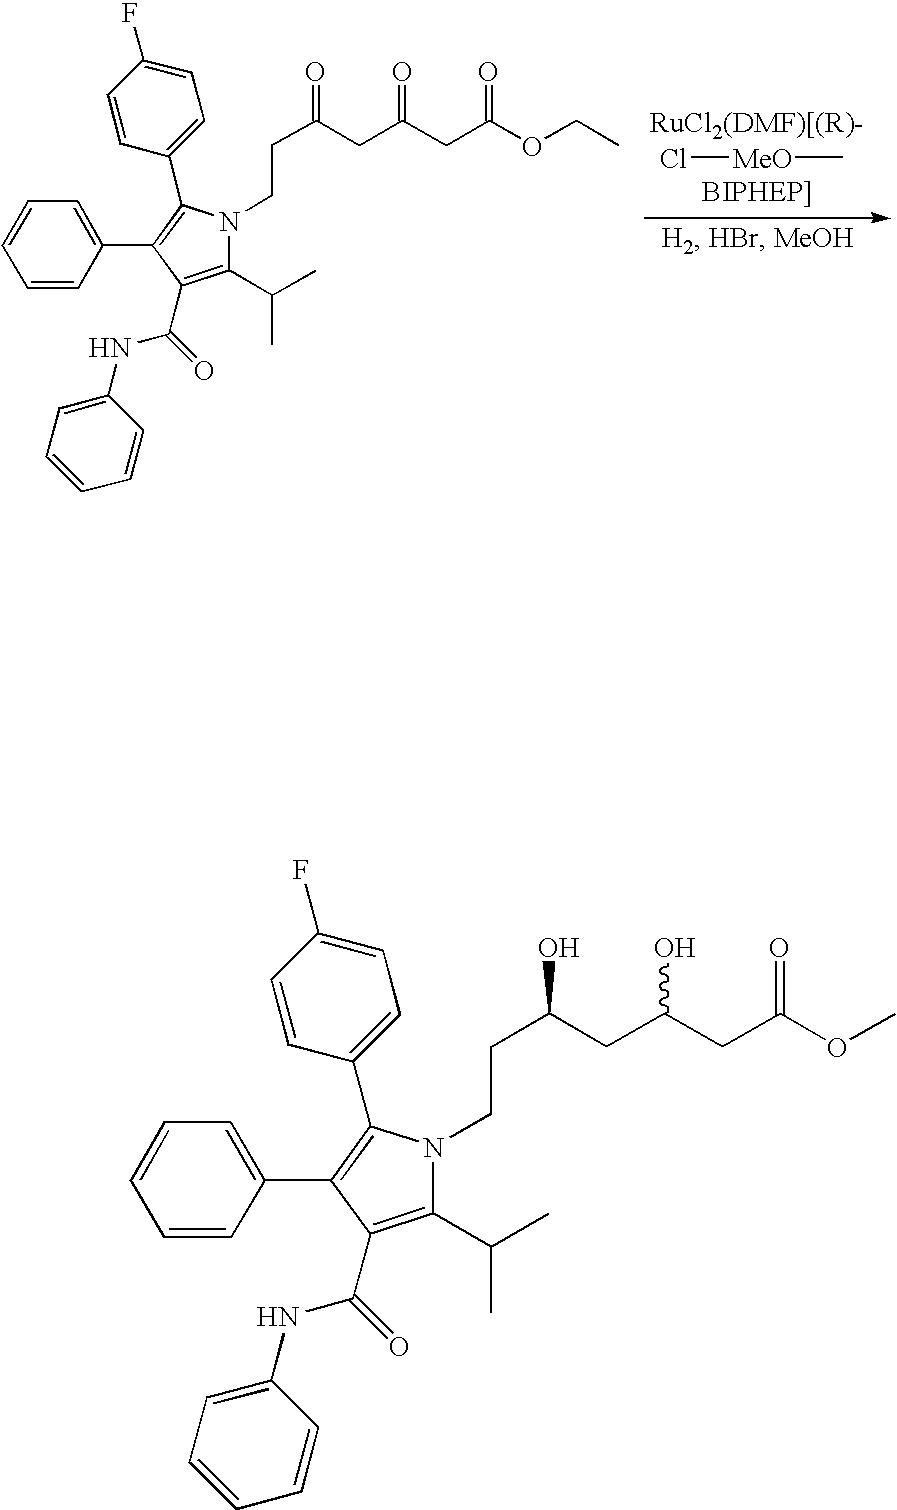 Figure US20070032662A1-20070208-C00059